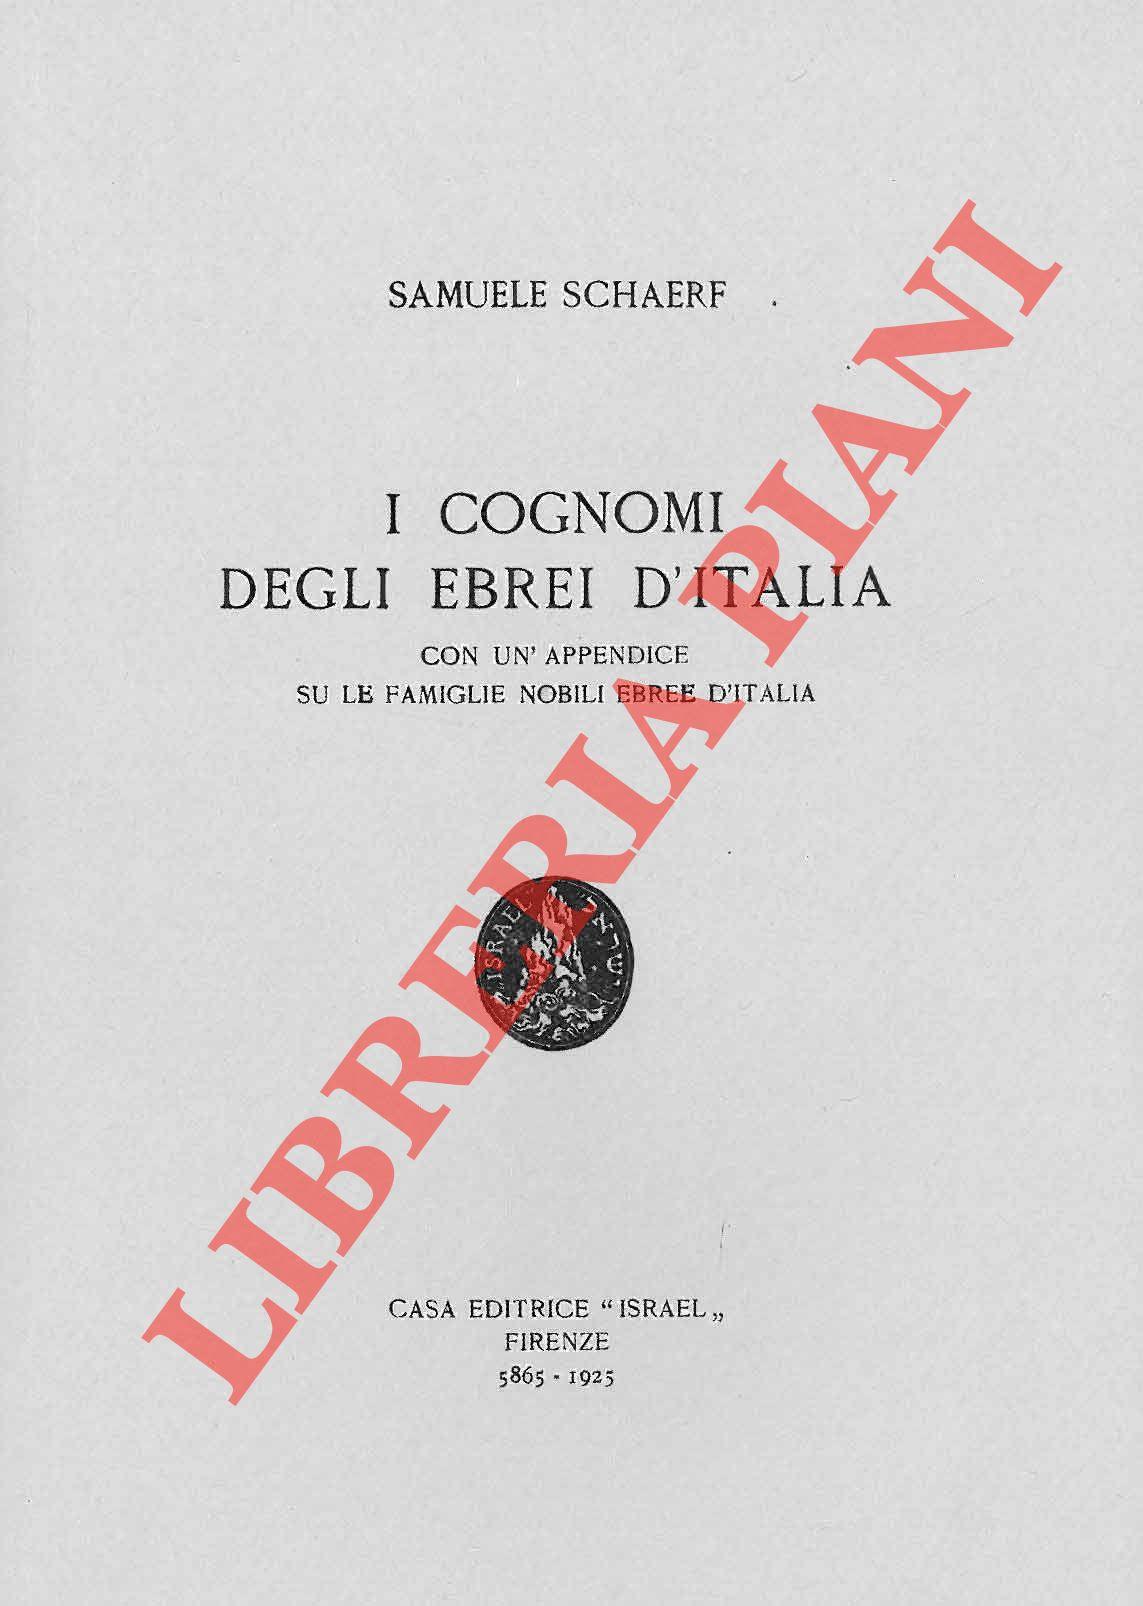 4-79961 – I cognomi degli ebrei in Italia. Con uníappendice su le famiglie nobili ebree in Italia.